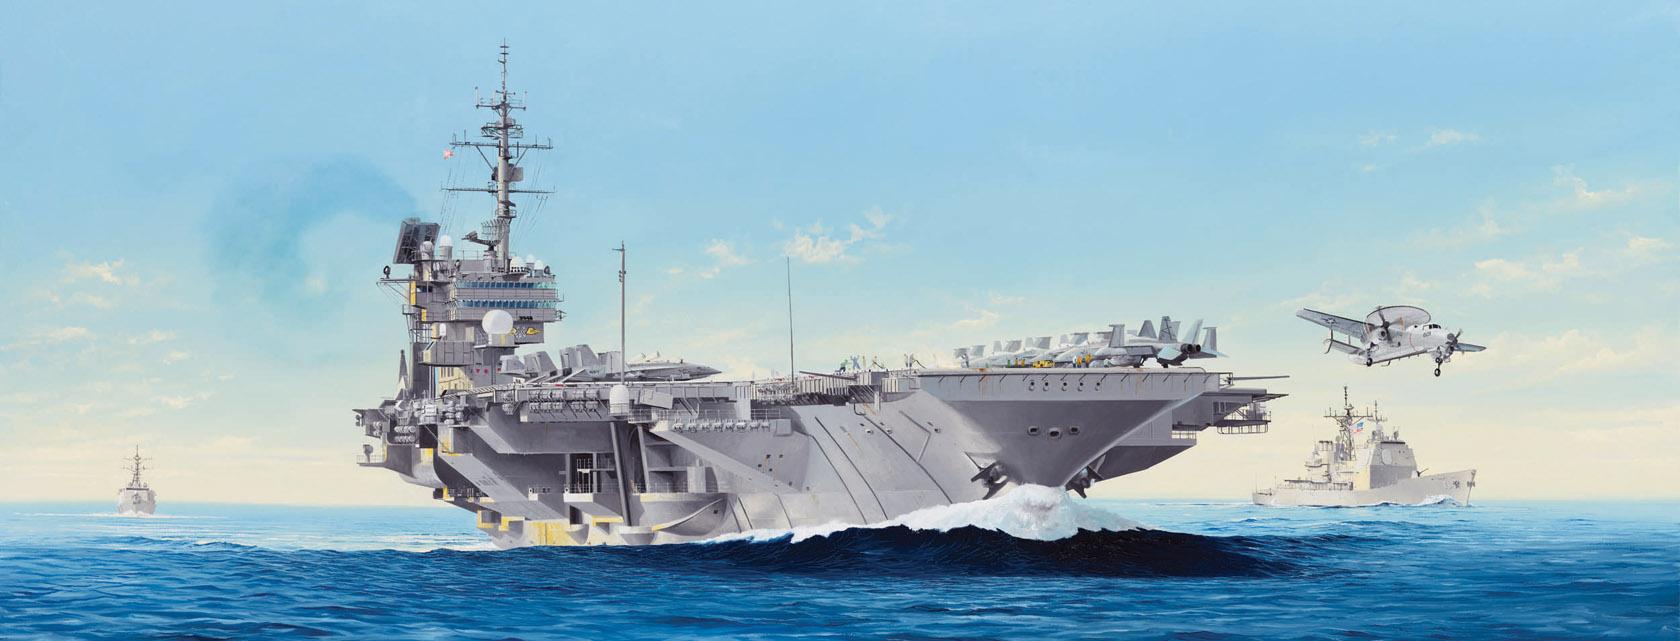 рисунок USS ConstellationCV64